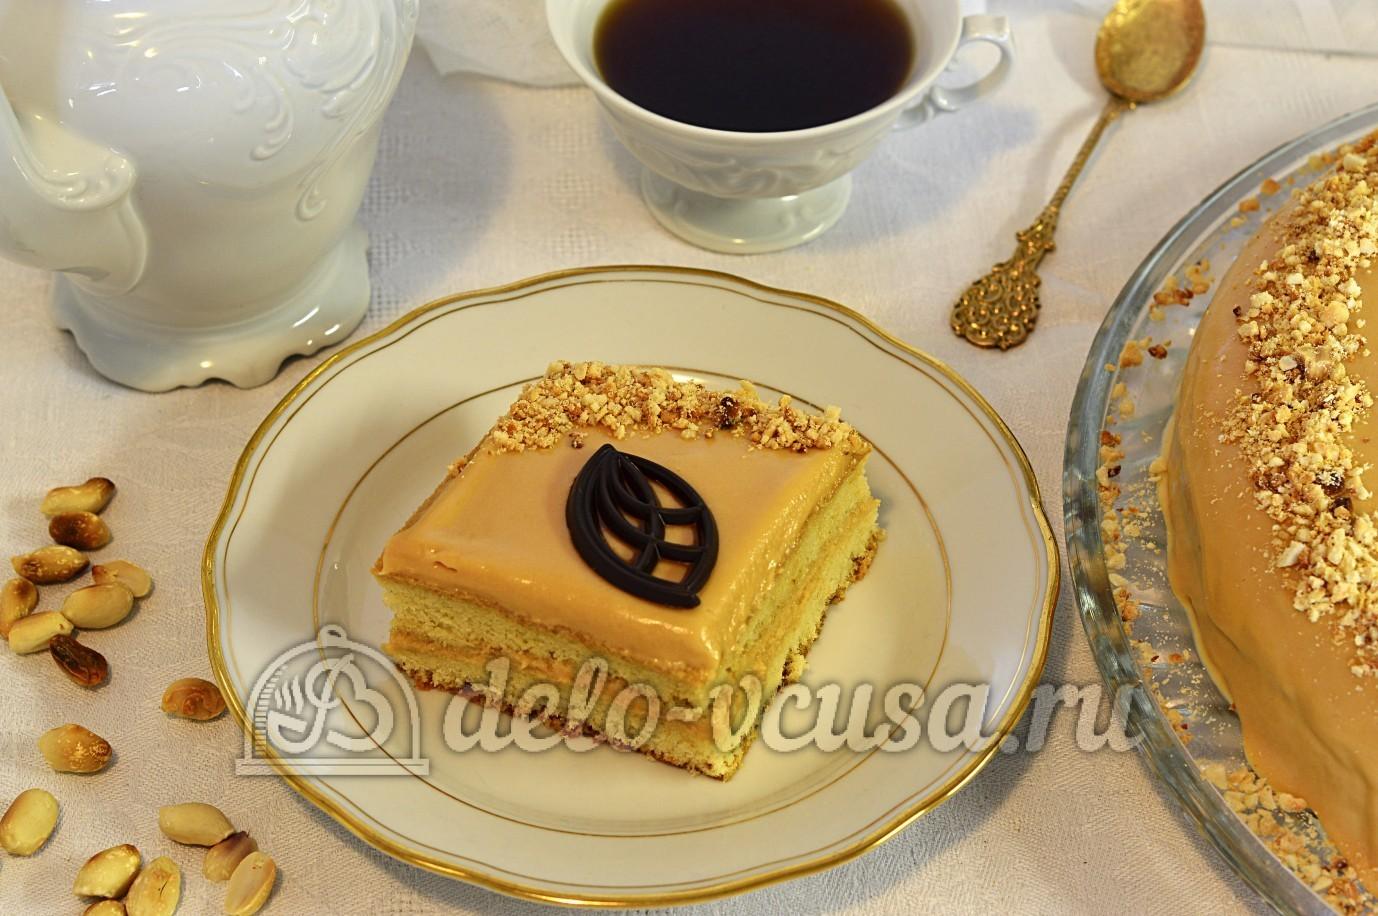 Торт бисквитный с масляным кремом рецепт в домашних условиях